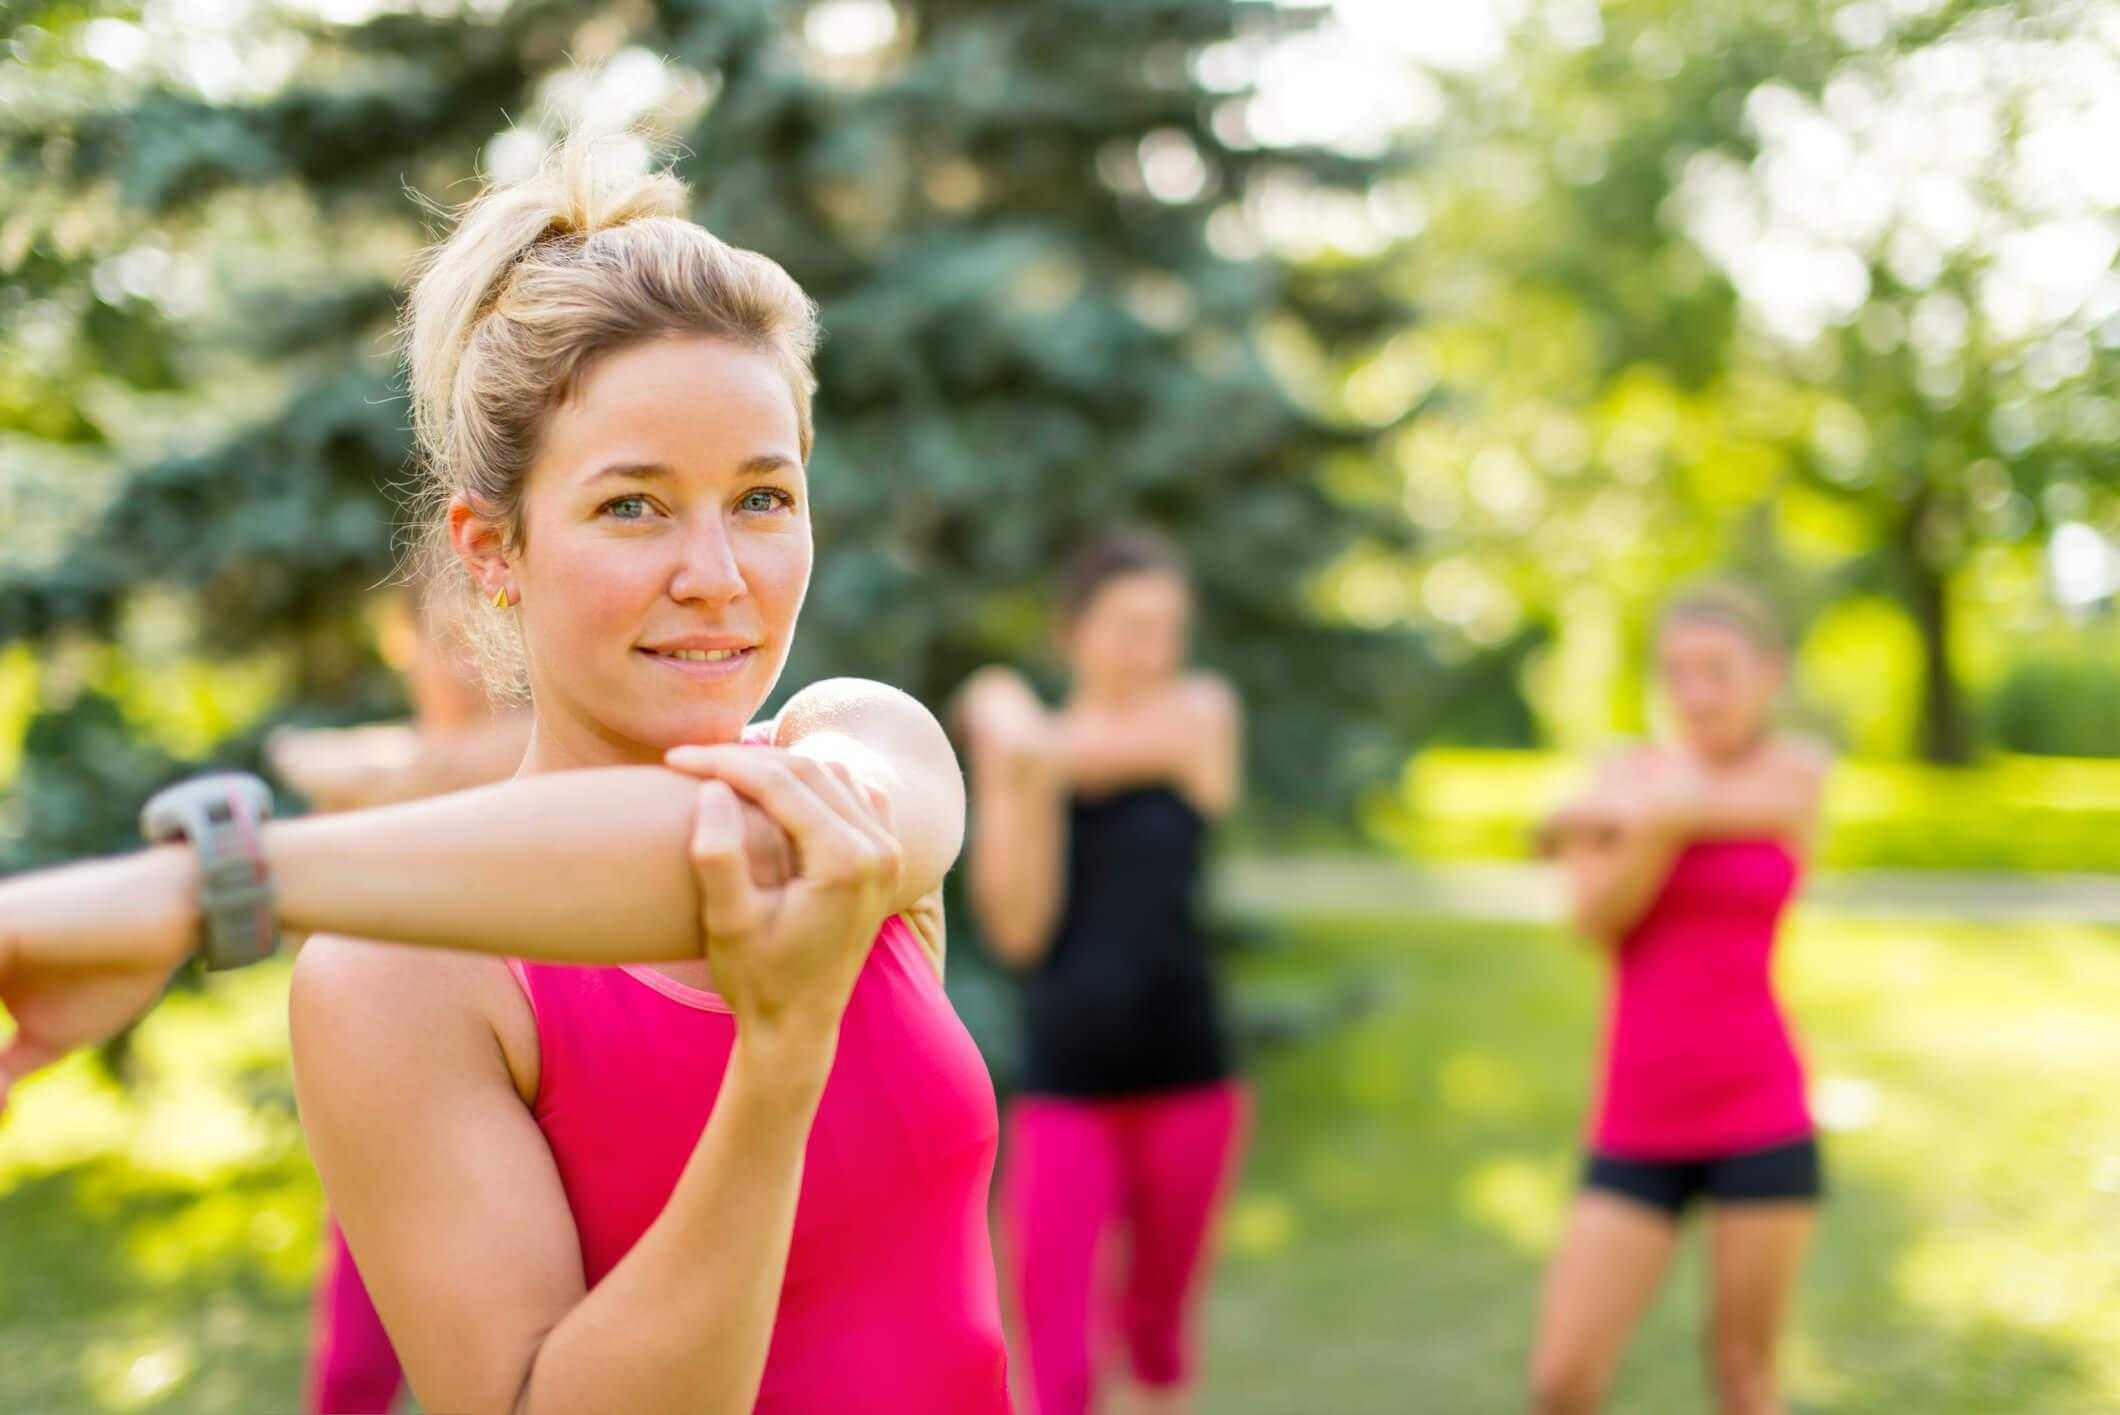 Как поддерживать себя в форме: советы для людей с разным телосложением - лайфхакер